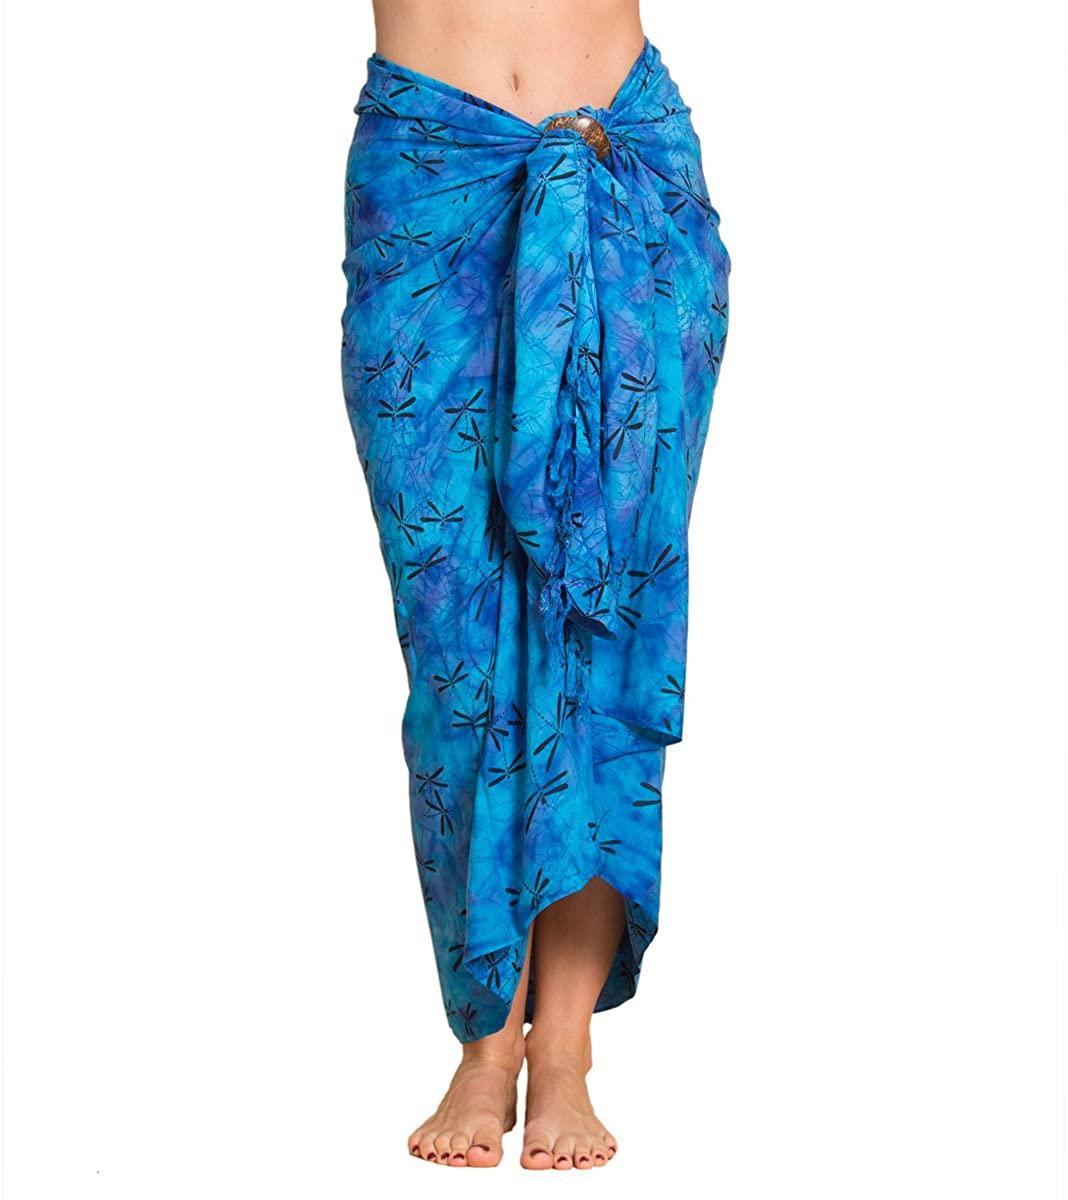 PANASIAM Sarong Pareo, toalla de playa, vestido cruzado, en un colorido diseño de batik, suaves tejidos naturales